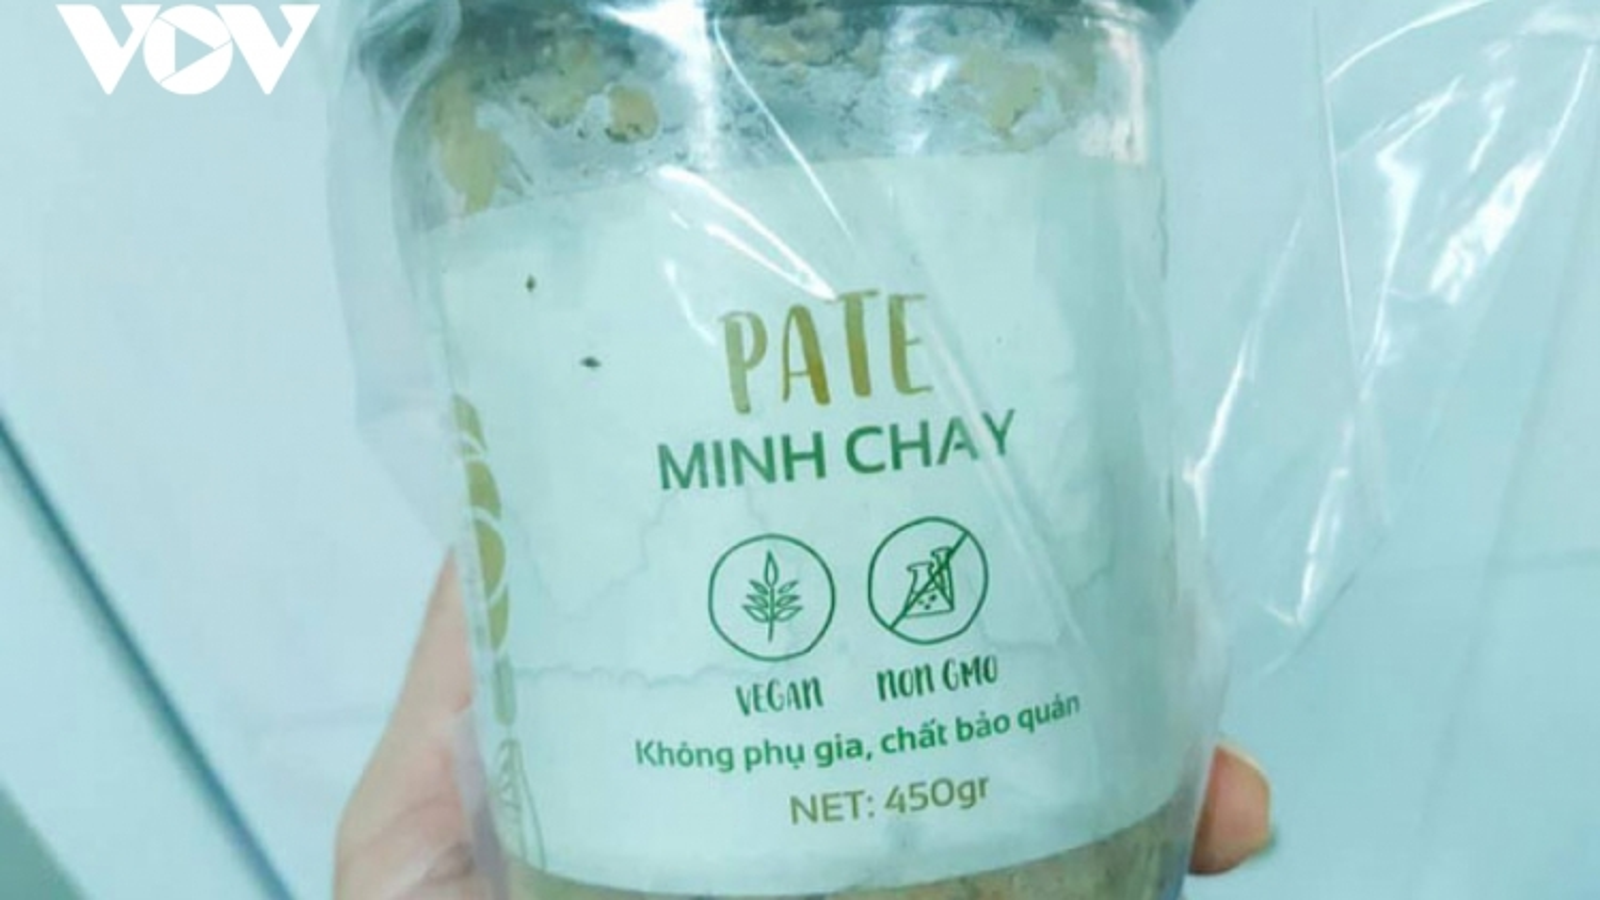 Vụ ngộ độc Pate Minh Chay: Doanh nghiệp cần sớm xác định nguyên nhân